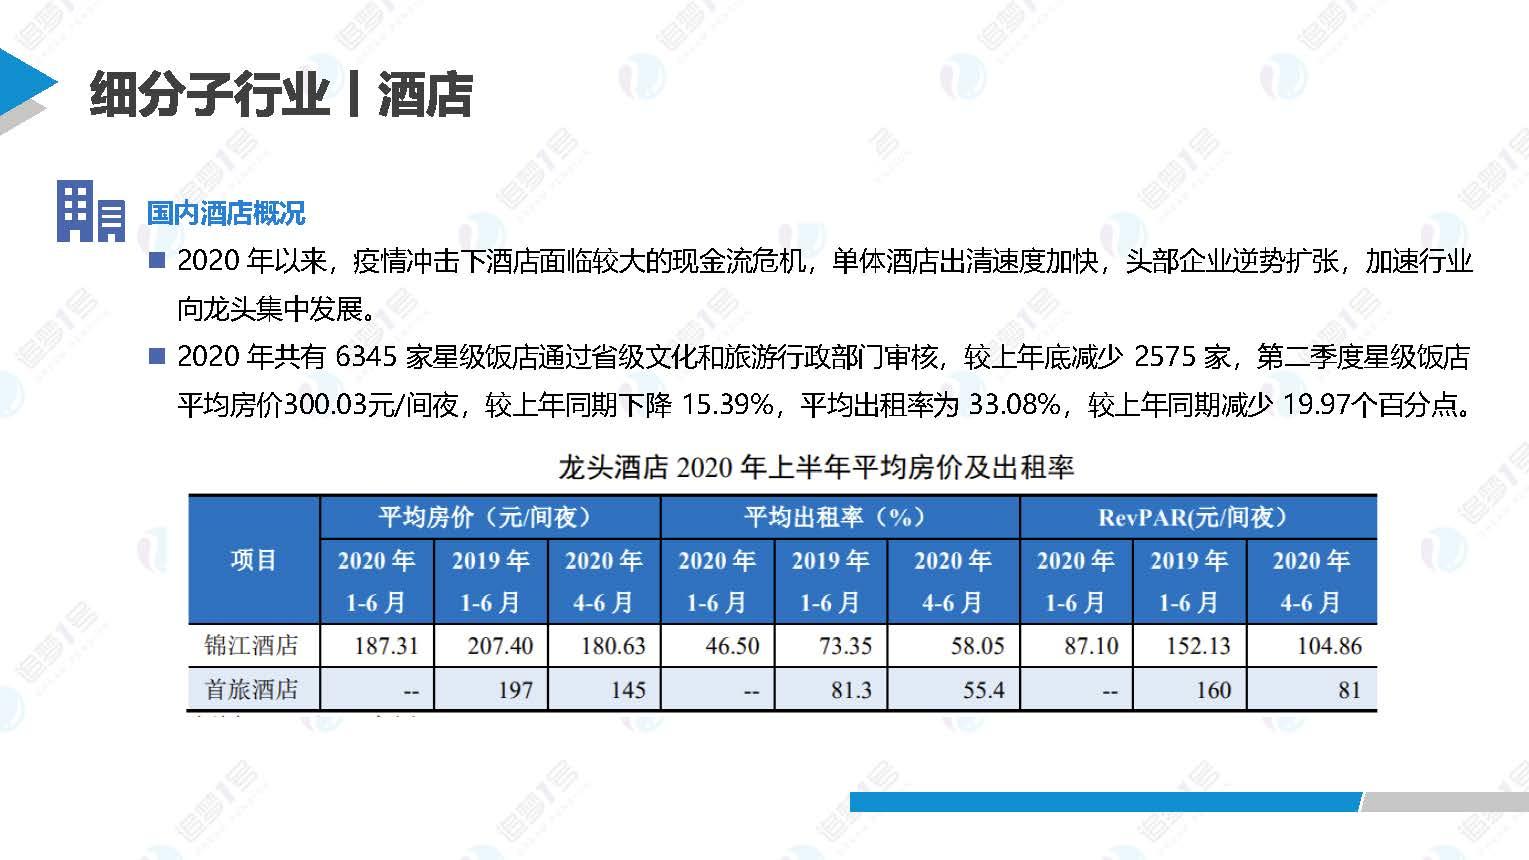 中国旅游行业研究 _页面_23.jpg